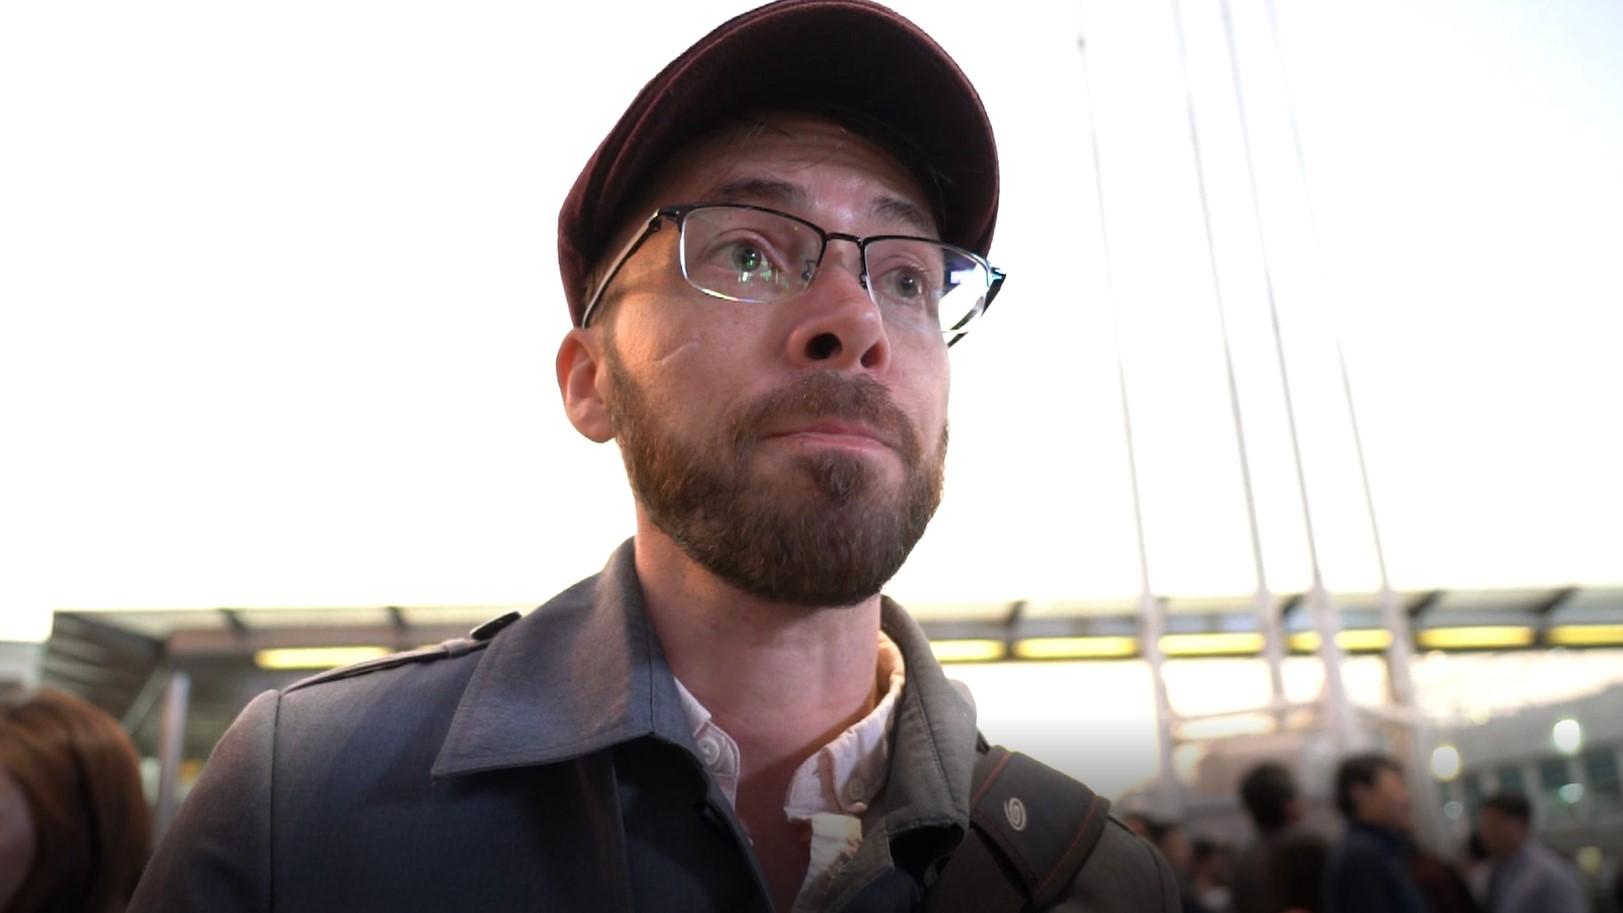 美國訪港遊客阿當(Adam Roberts)表示,對香港警察的暴力行為感到驚訝。(李智智攝)